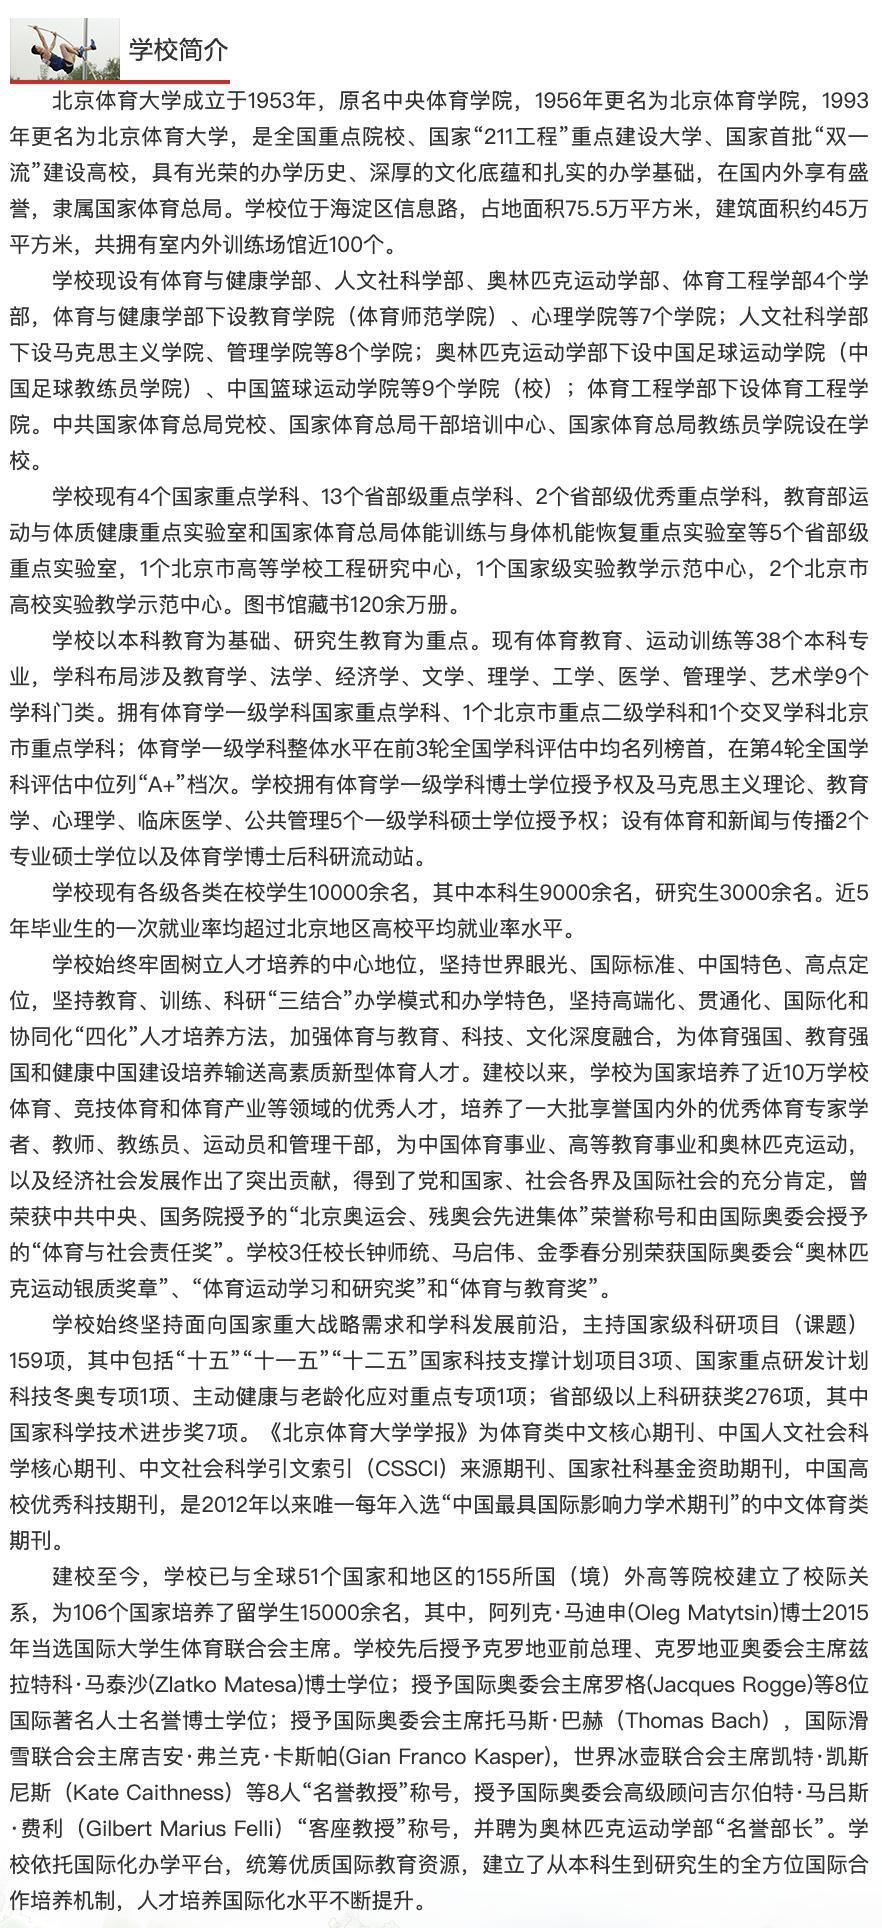 北京体育大学